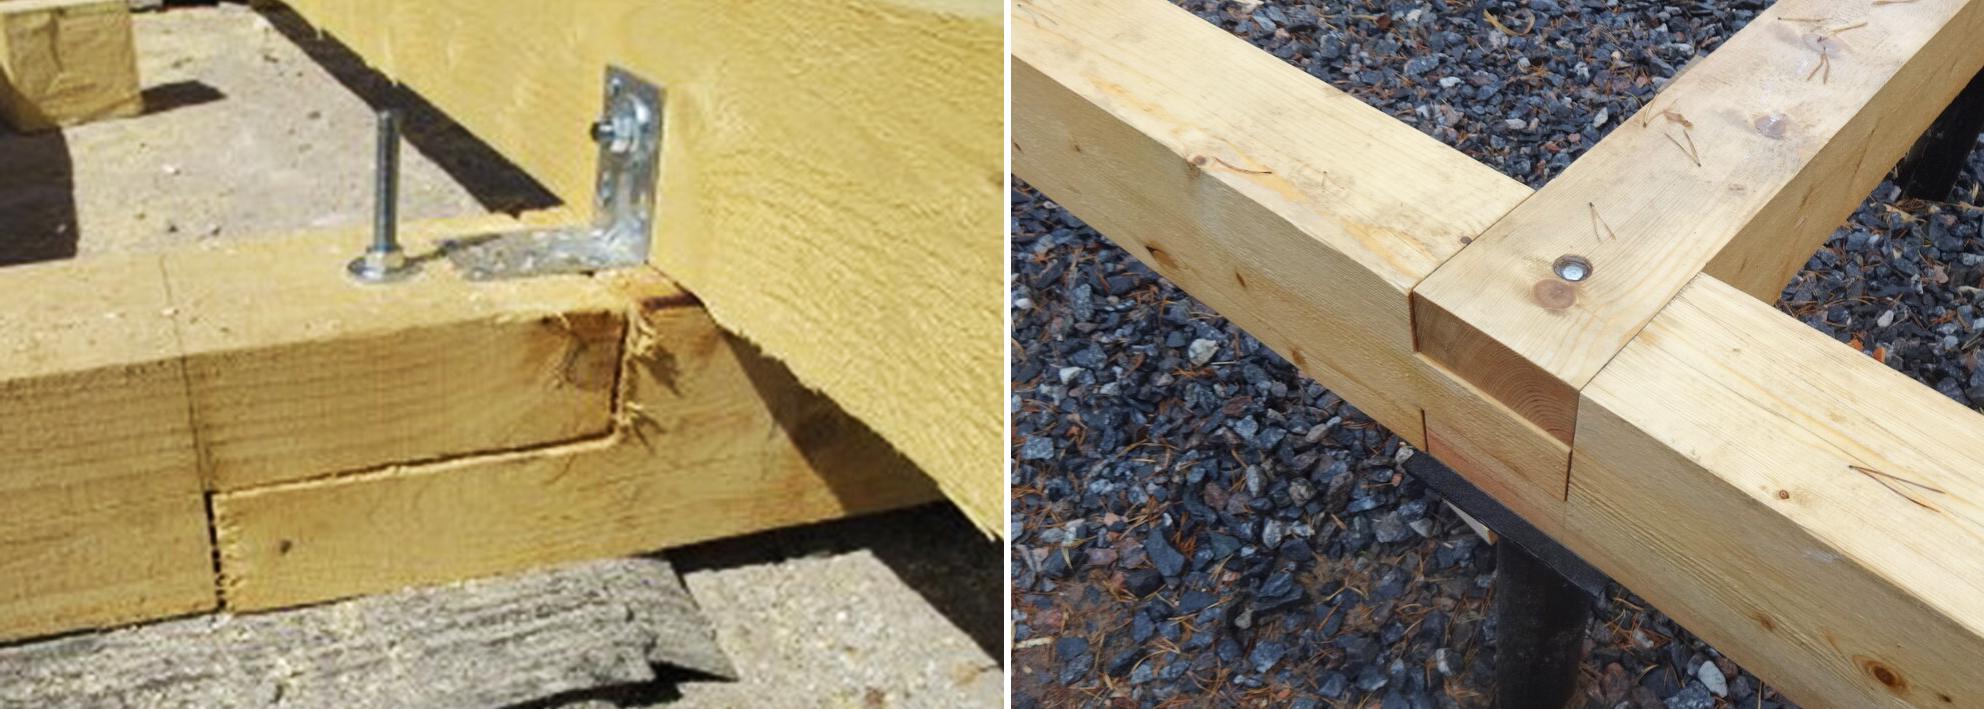 Строим веранду к дому. Чем веранда отличается от террасы и как ее оформить